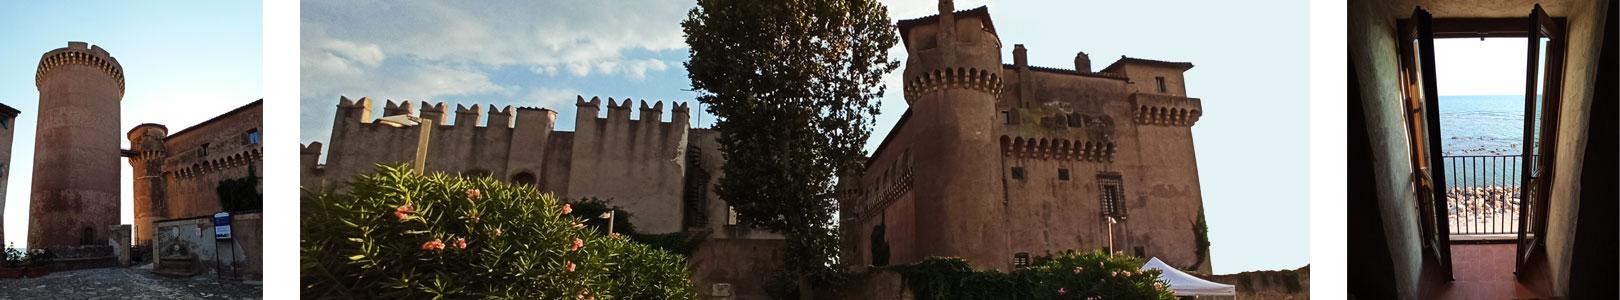 Visita al Castello di Santa Severa